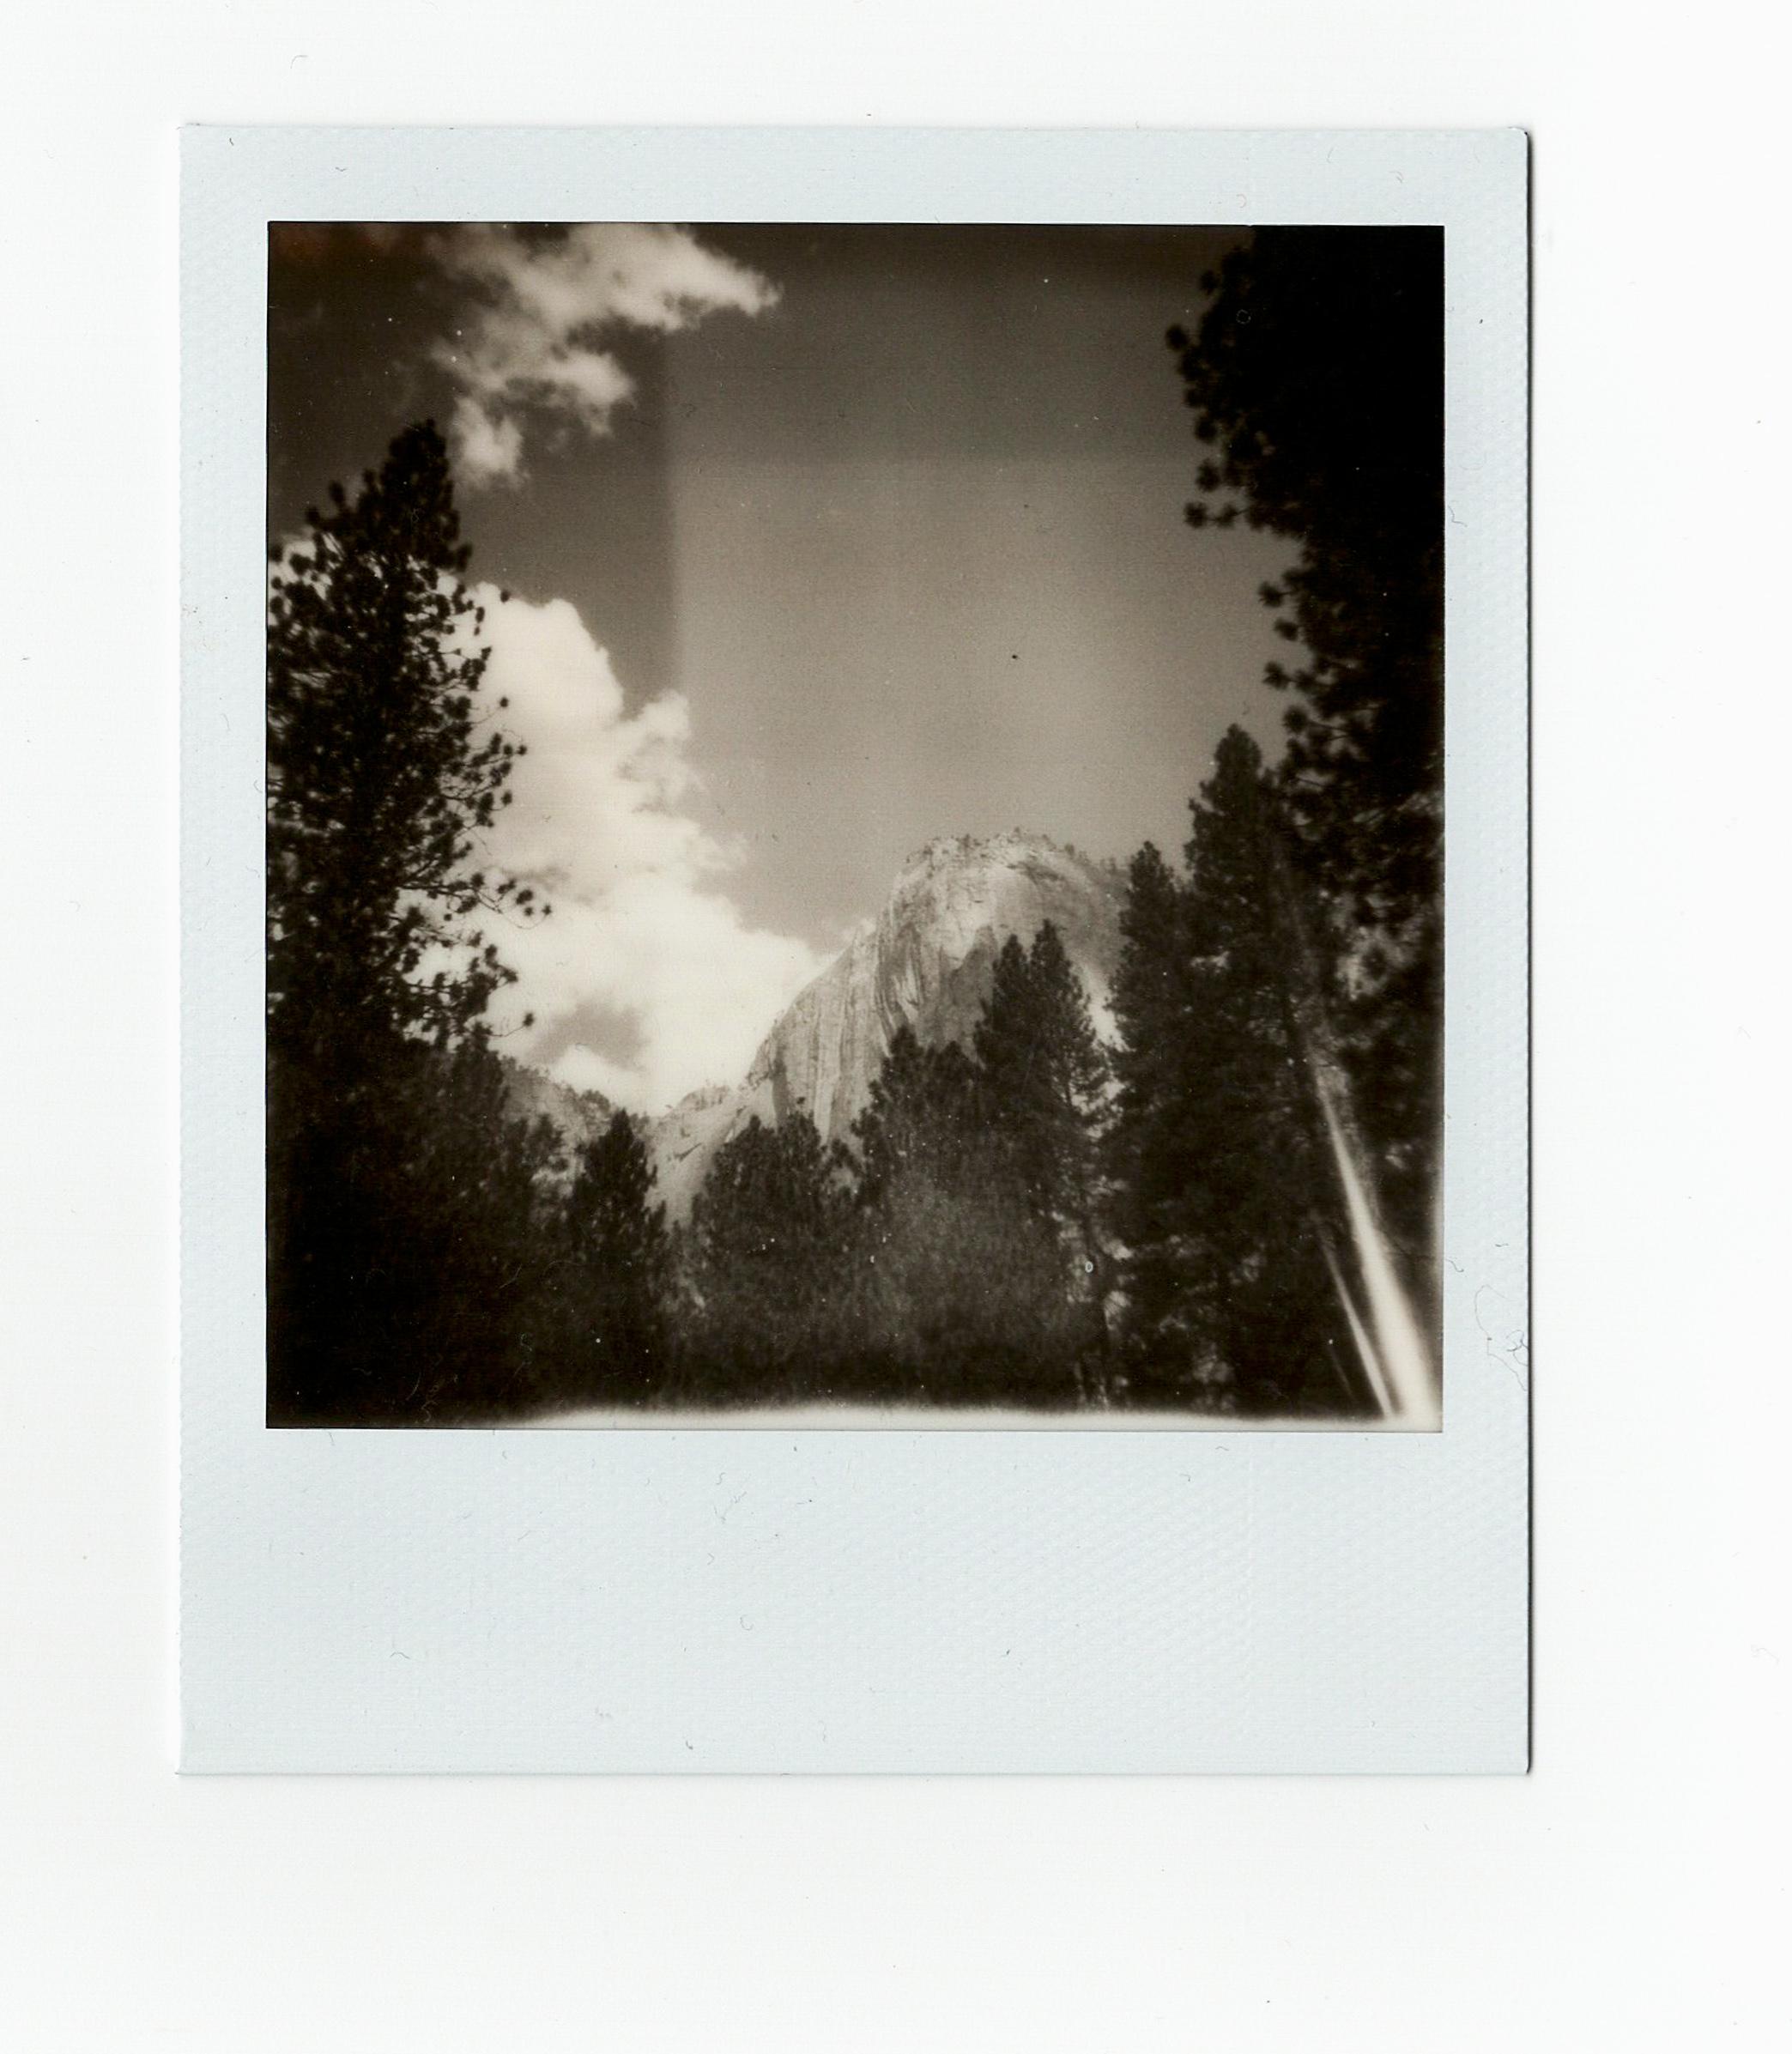 Yosemite17 (16 of 16).jpg